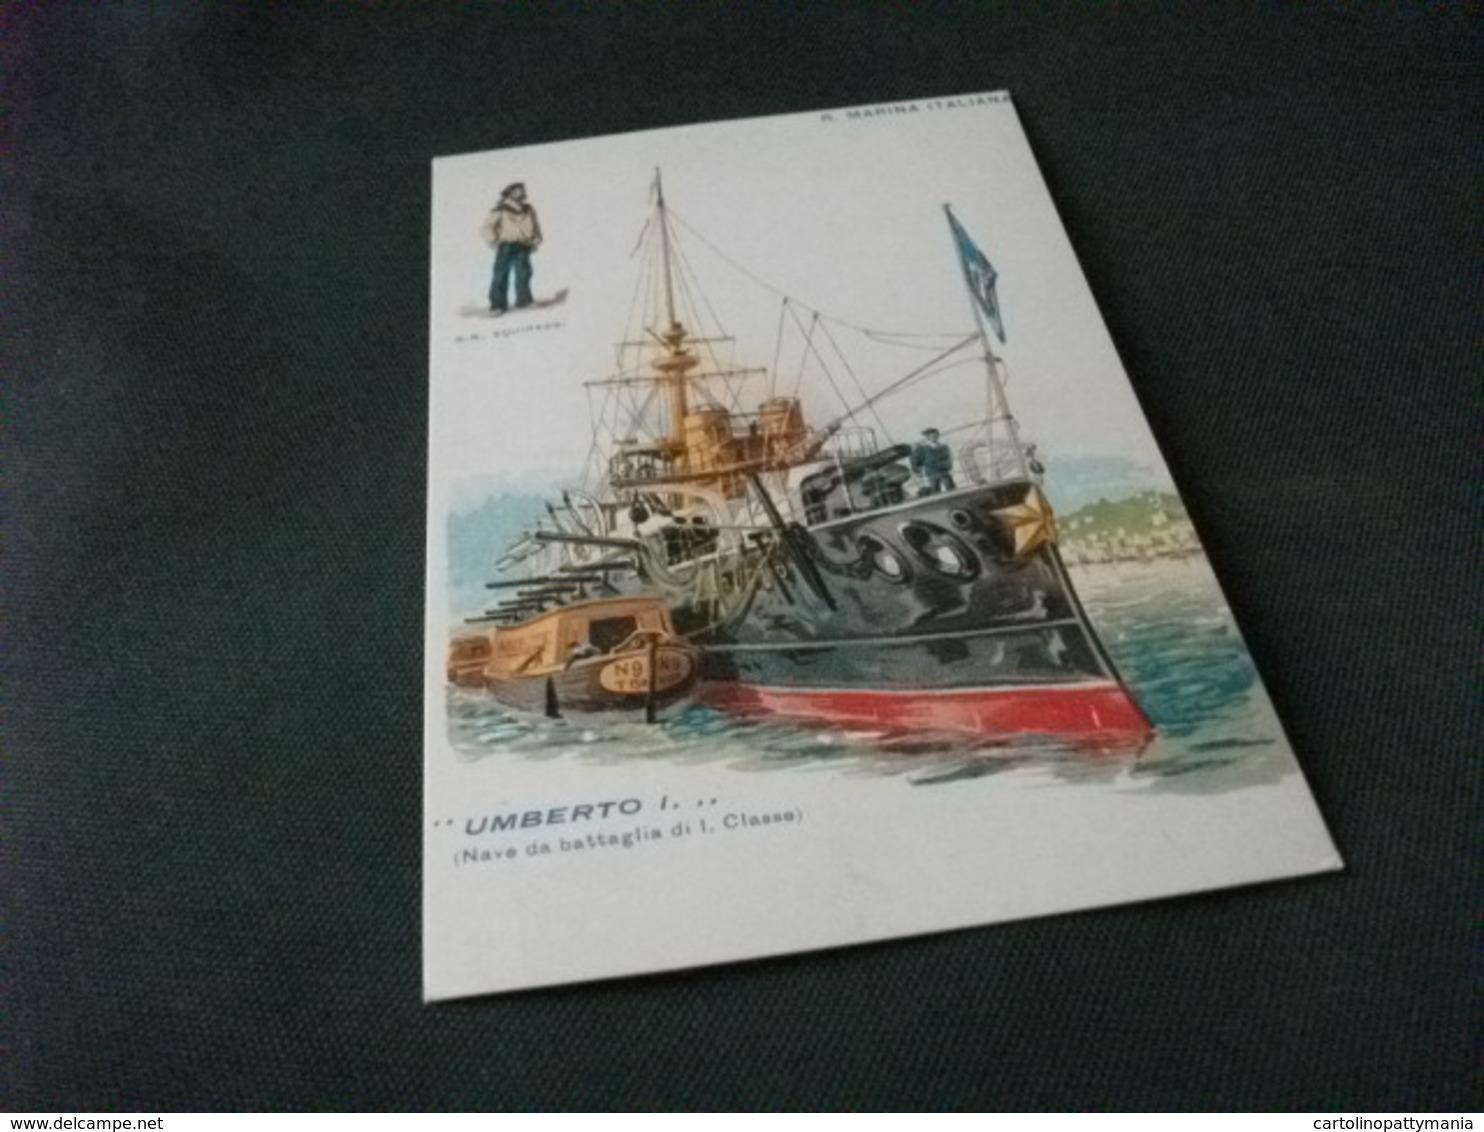 NAVE SHIP UMBERTO I NAVE DA BATTAGLIA DI I CLASSE  REGIA MARINA ITALIANA 2° MOSTRA MILITARIA IN EUROPA 1990 RIPRODUZIONE - Guerra